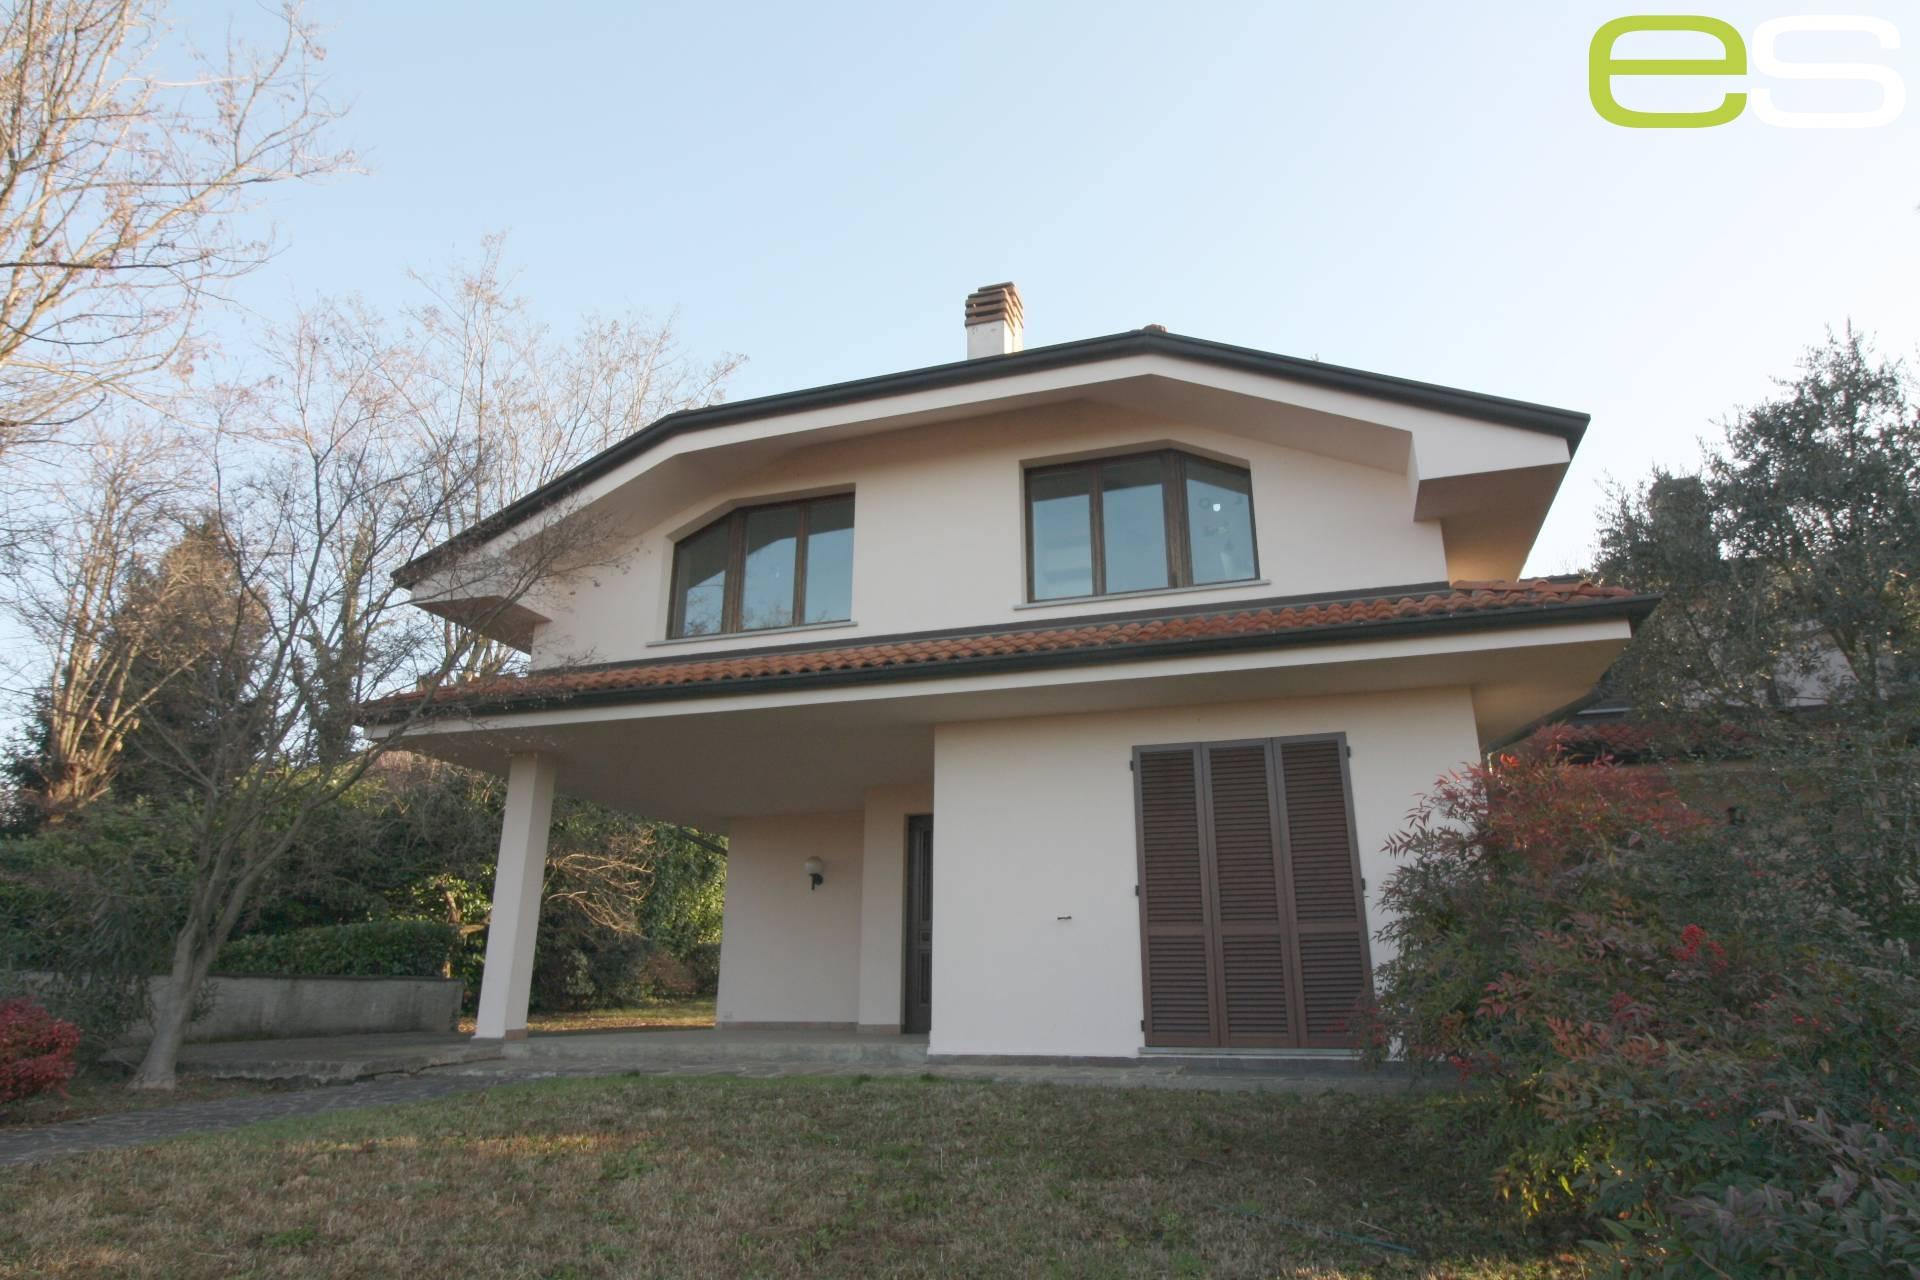 Villa in vendita a Casatenovo, 2 locali, prezzo € 448.000 | Cambio Casa.it